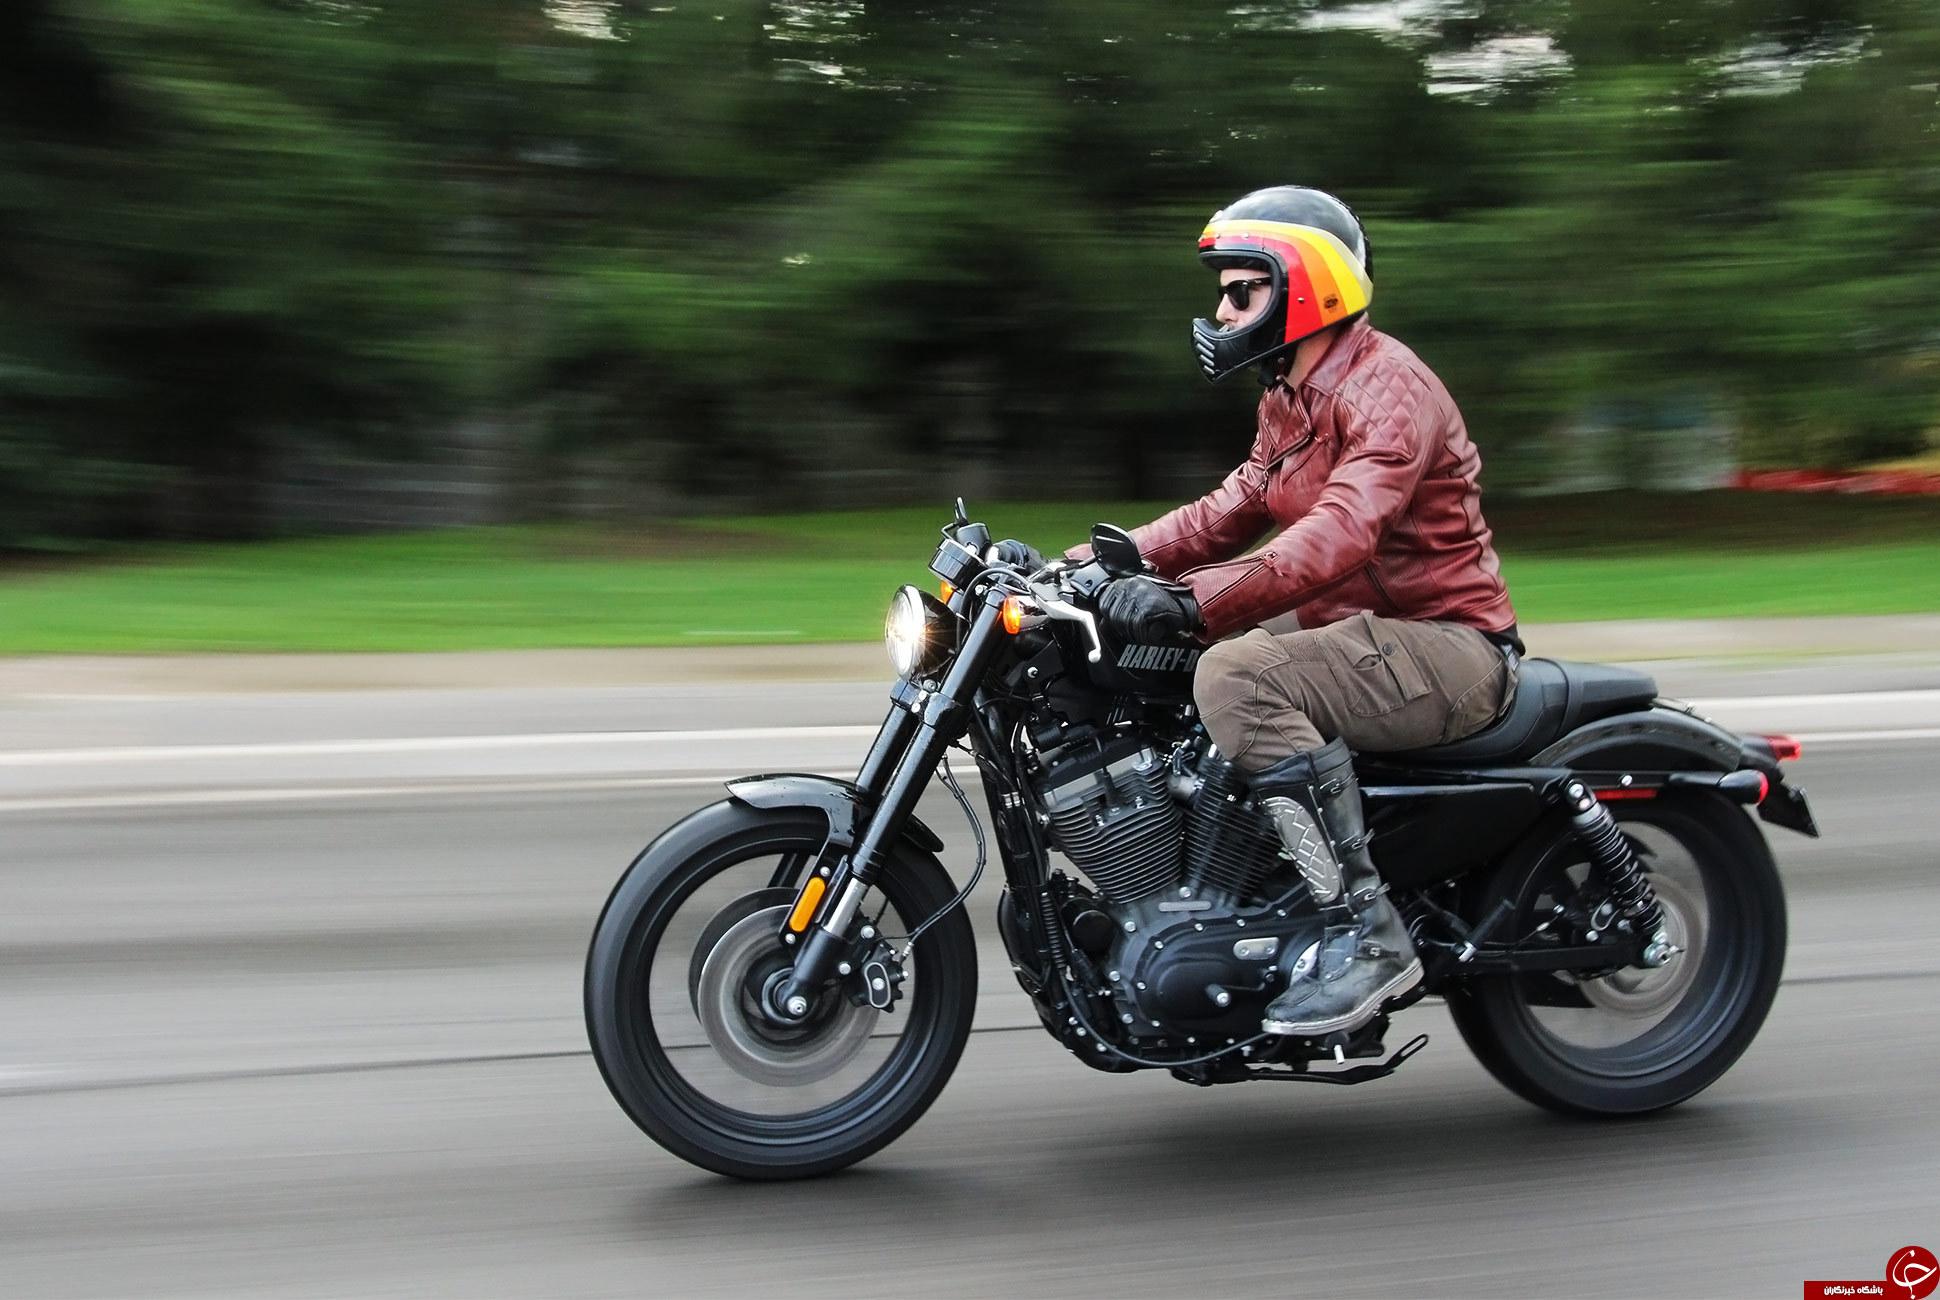 کارت هوشمند سوخت/ چگونگی استعلام کارت سوخت موتور سیکلت